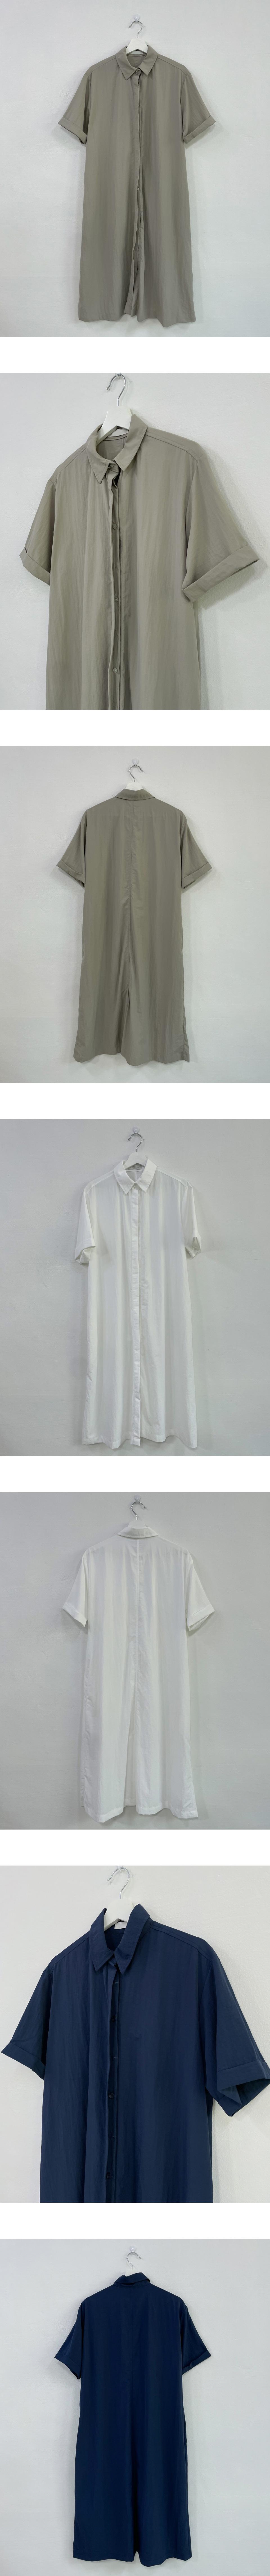 sheer hidden long shirt Dress